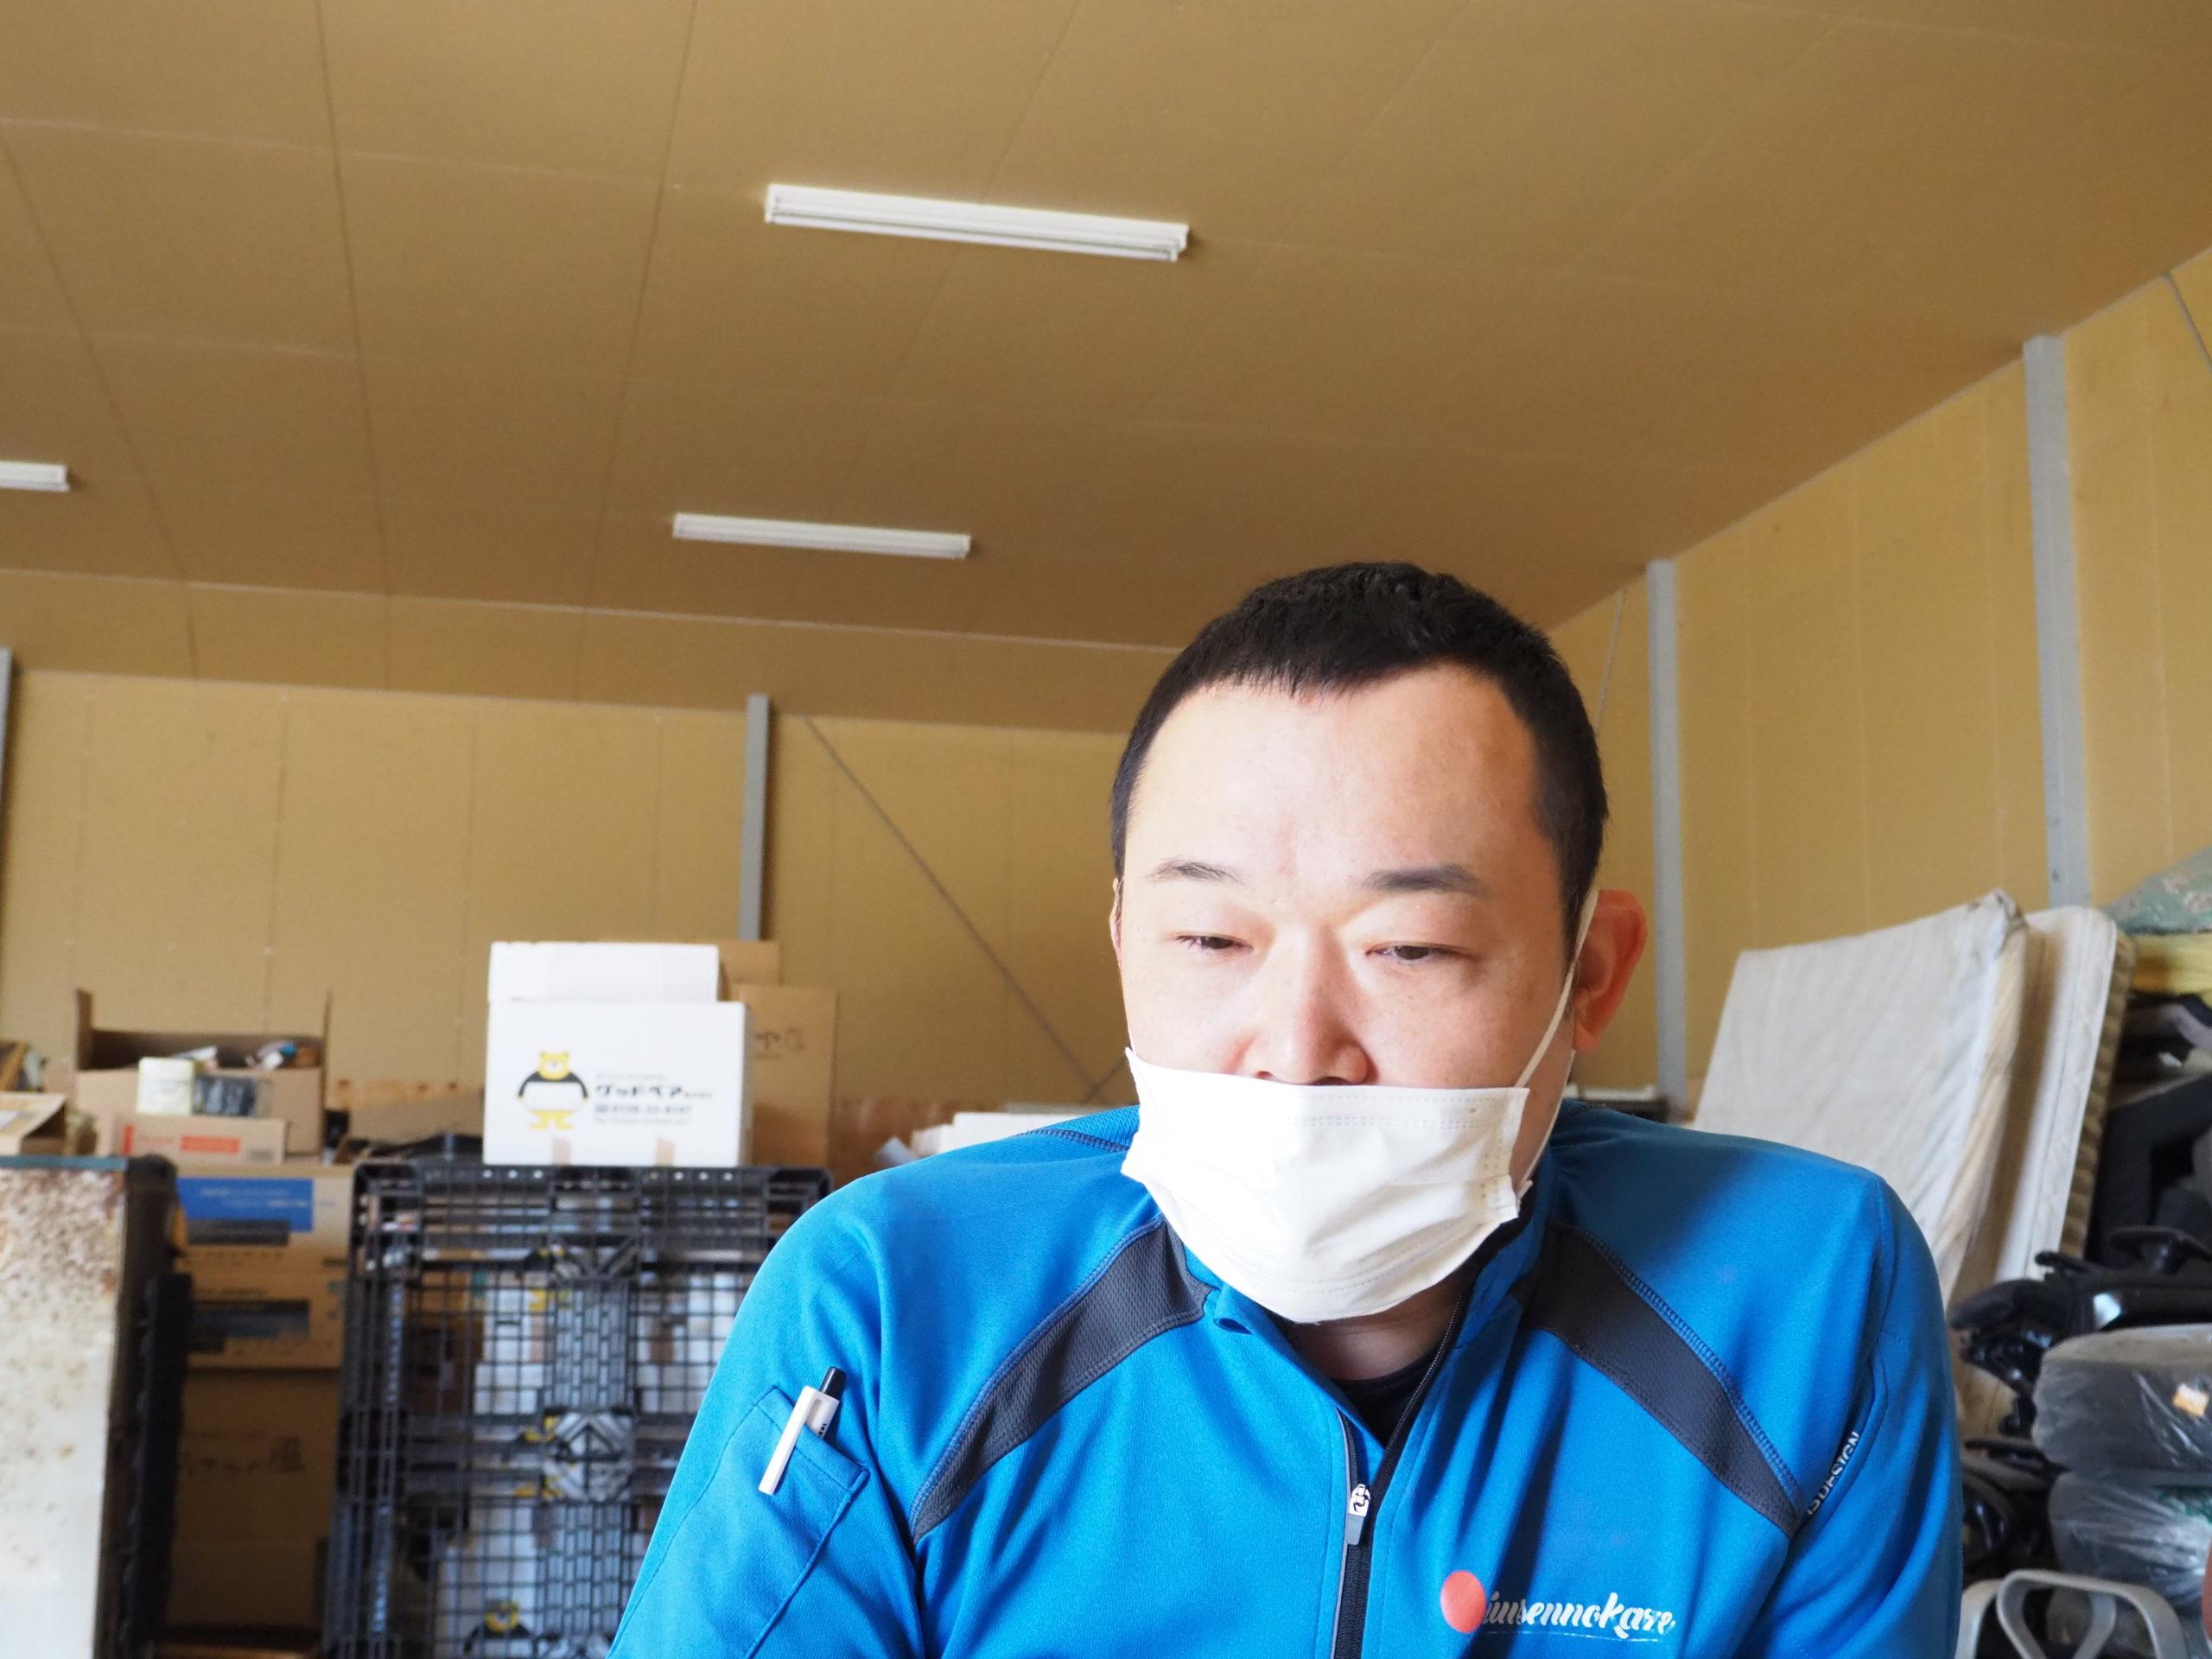 シリーズ;事故物件を歩く⑤ ー特殊清掃事業者の倉庫から(下)